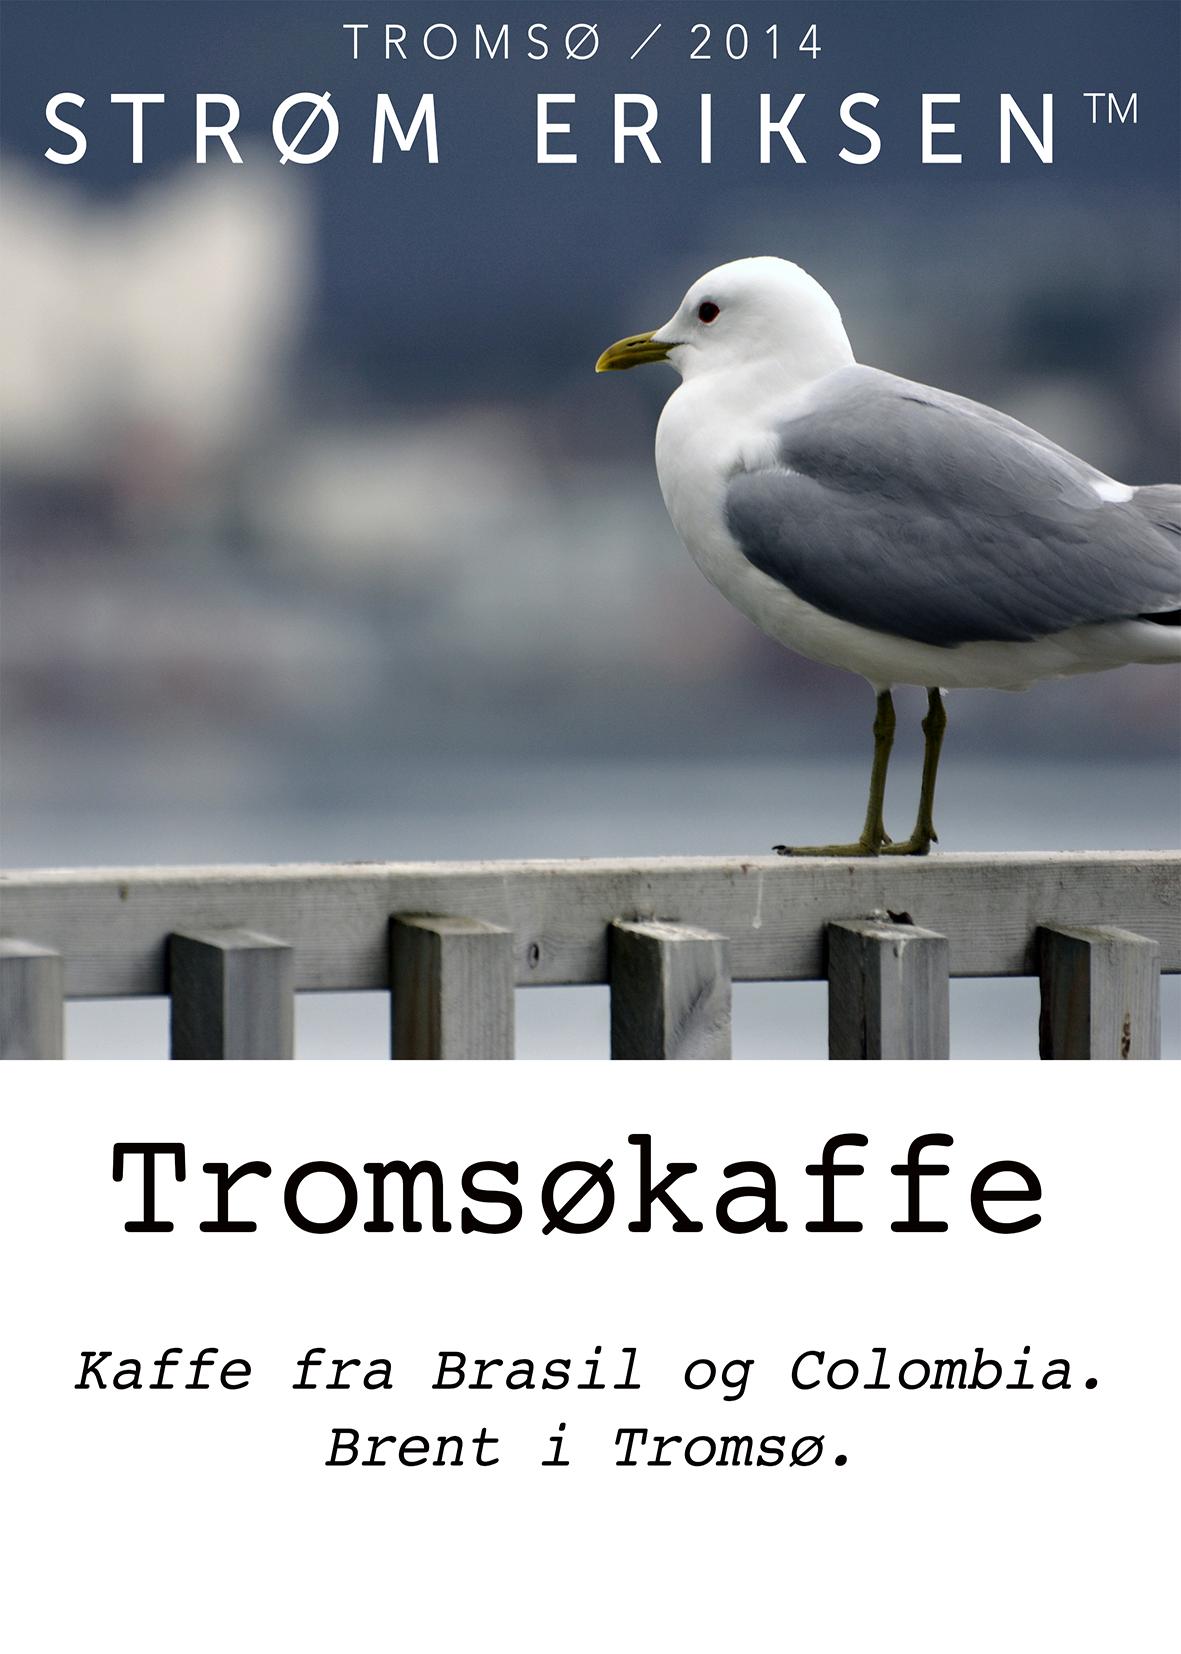 Tromsøkaffe